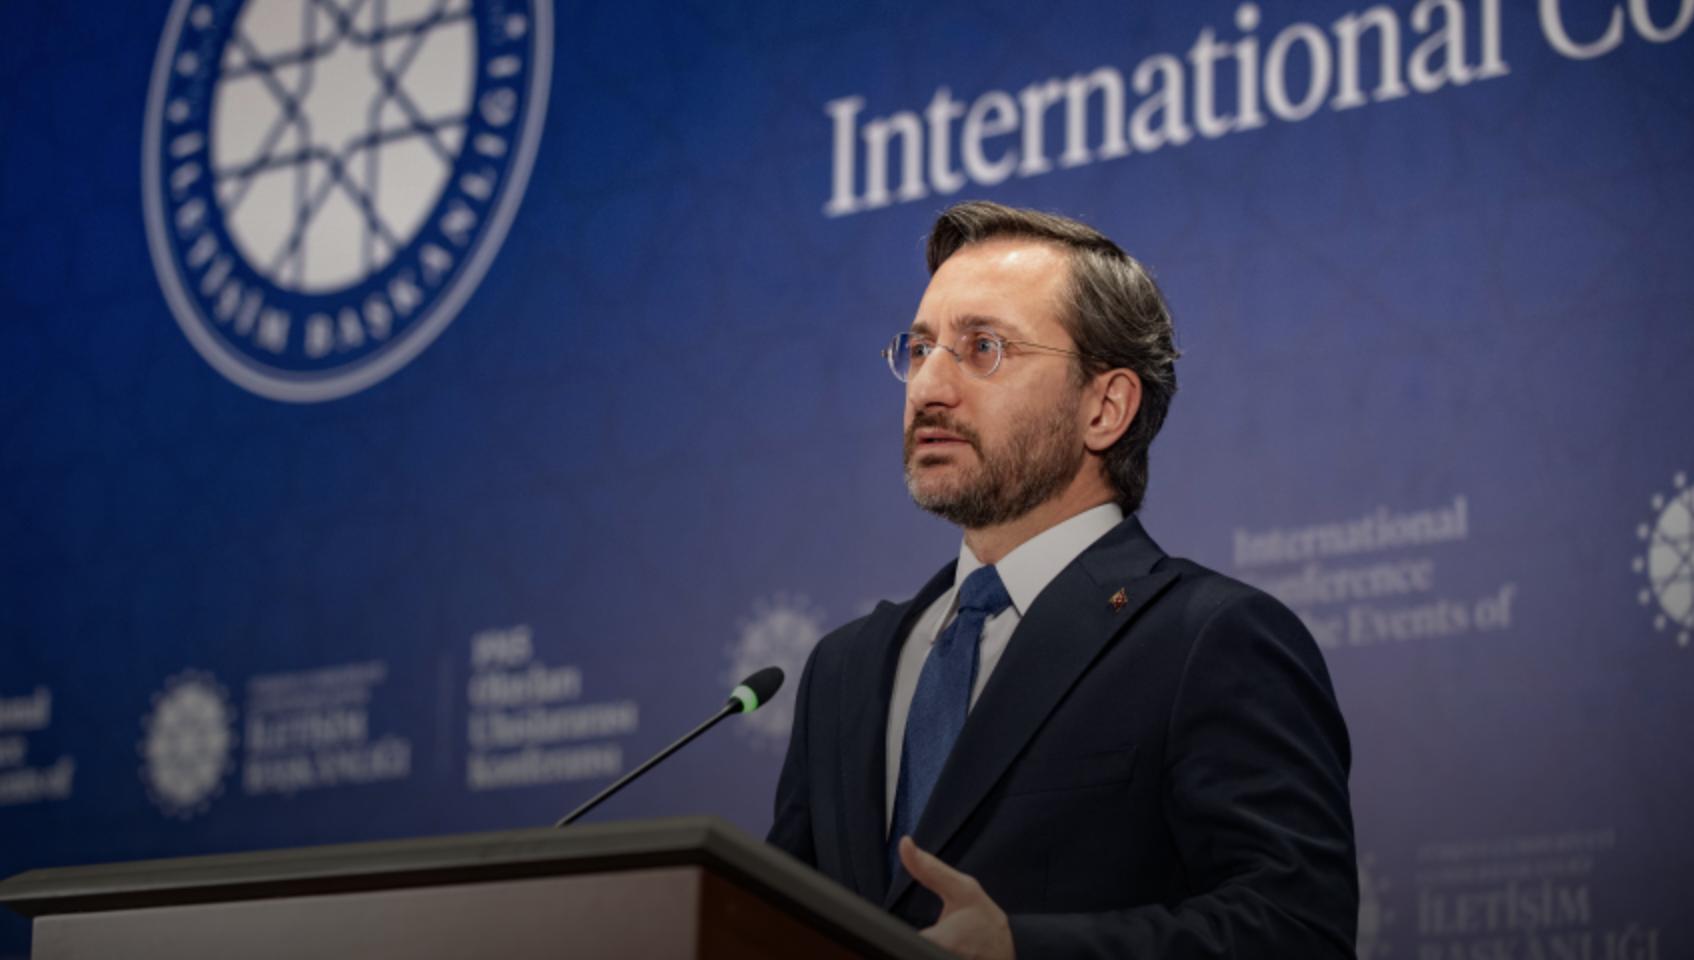 Turska: Direkcija predsedništva za komunikacije održala međunarodnu konferenciju o događajima iz 1915. godine